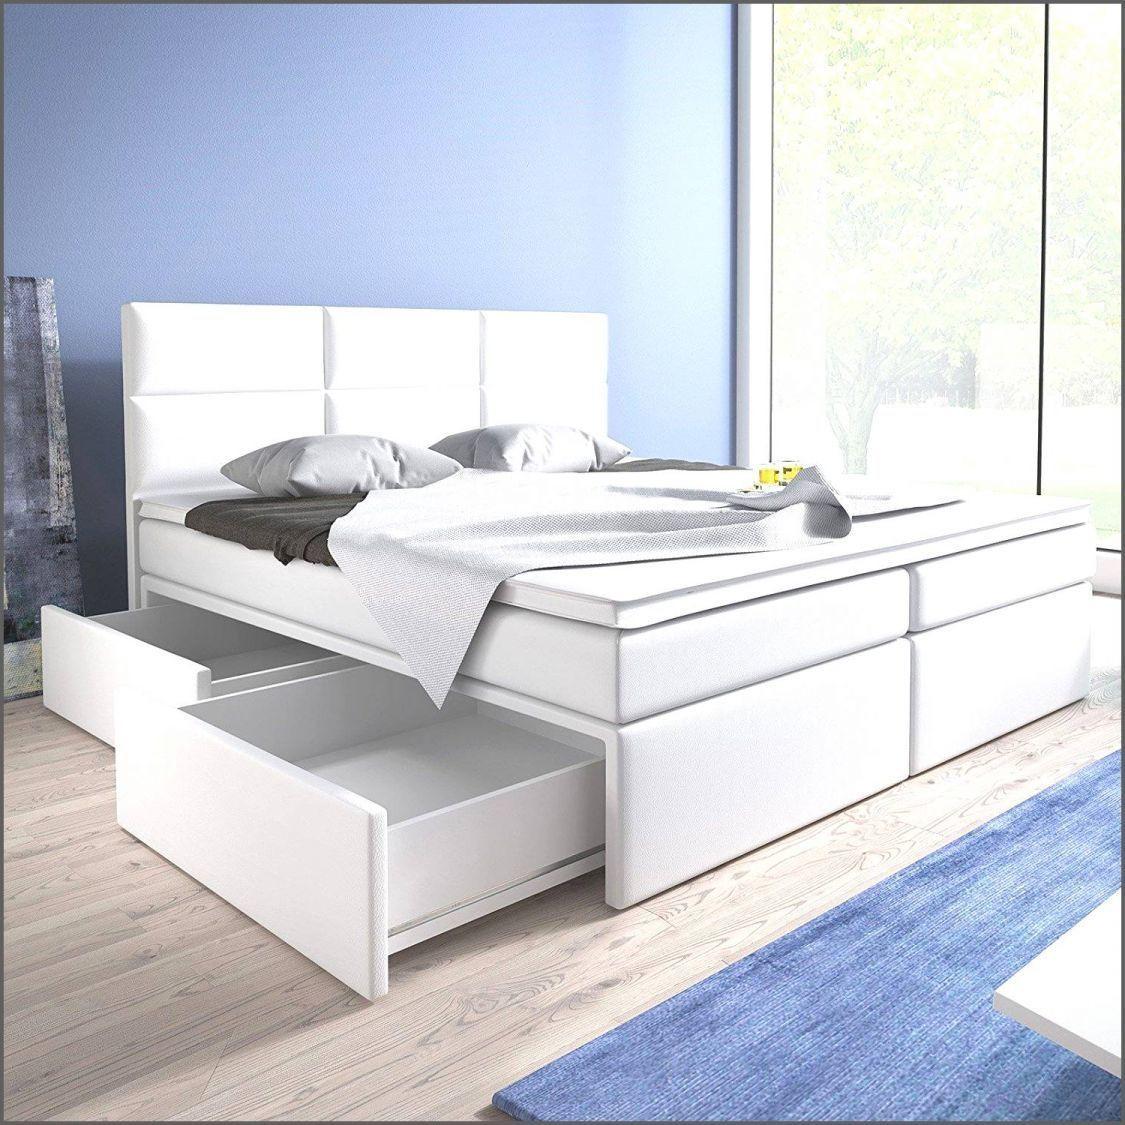 Full Size of Schrankbett 180x200 Ikea Bett 140x200 Gunstig Zuhause Küche Kosten Betten Modulküche Kaufen Massivholz Günstige Sofa Mit Schlaffunktion Ebay Miniküche Wohnzimmer Schrankbett 180x200 Ikea